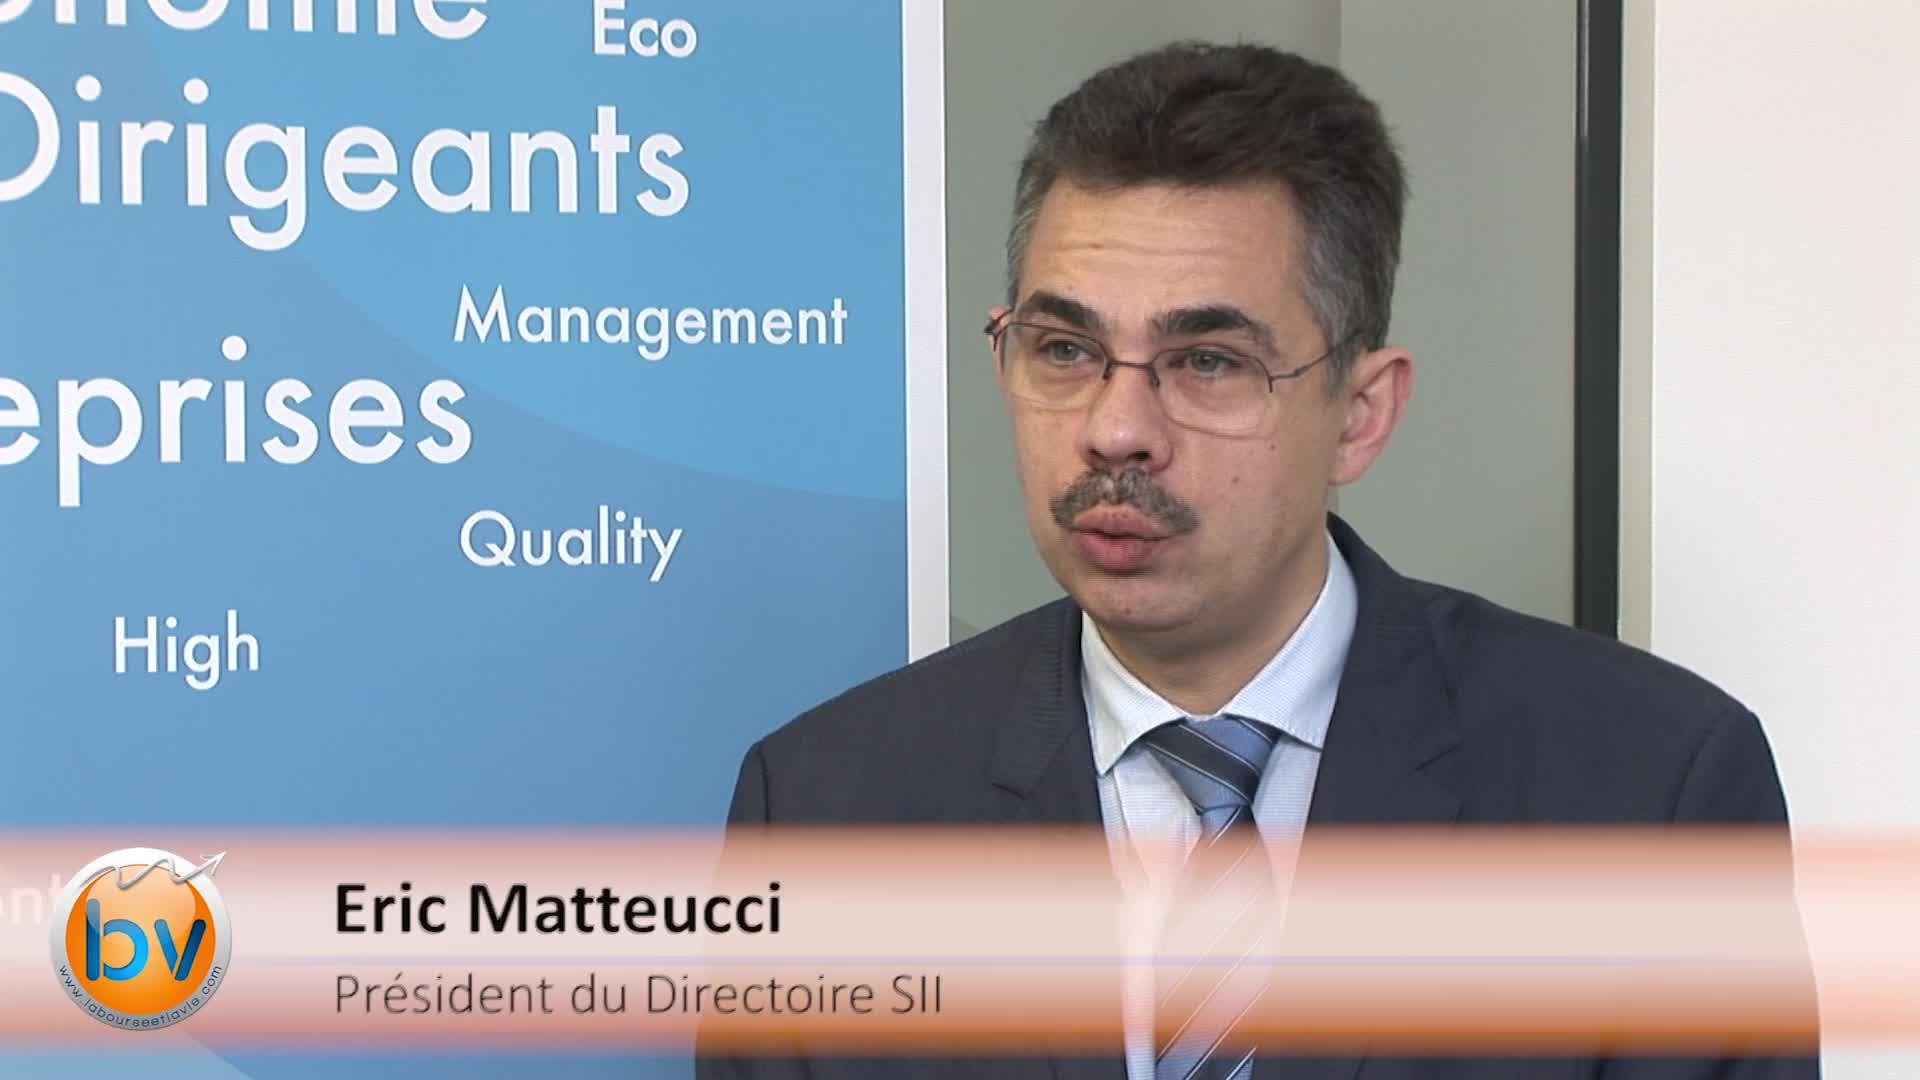 """Eric Matteucci Président du Directoire SII : """"Nous restons confiant sur l'amélioration des résultats du groupe"""""""